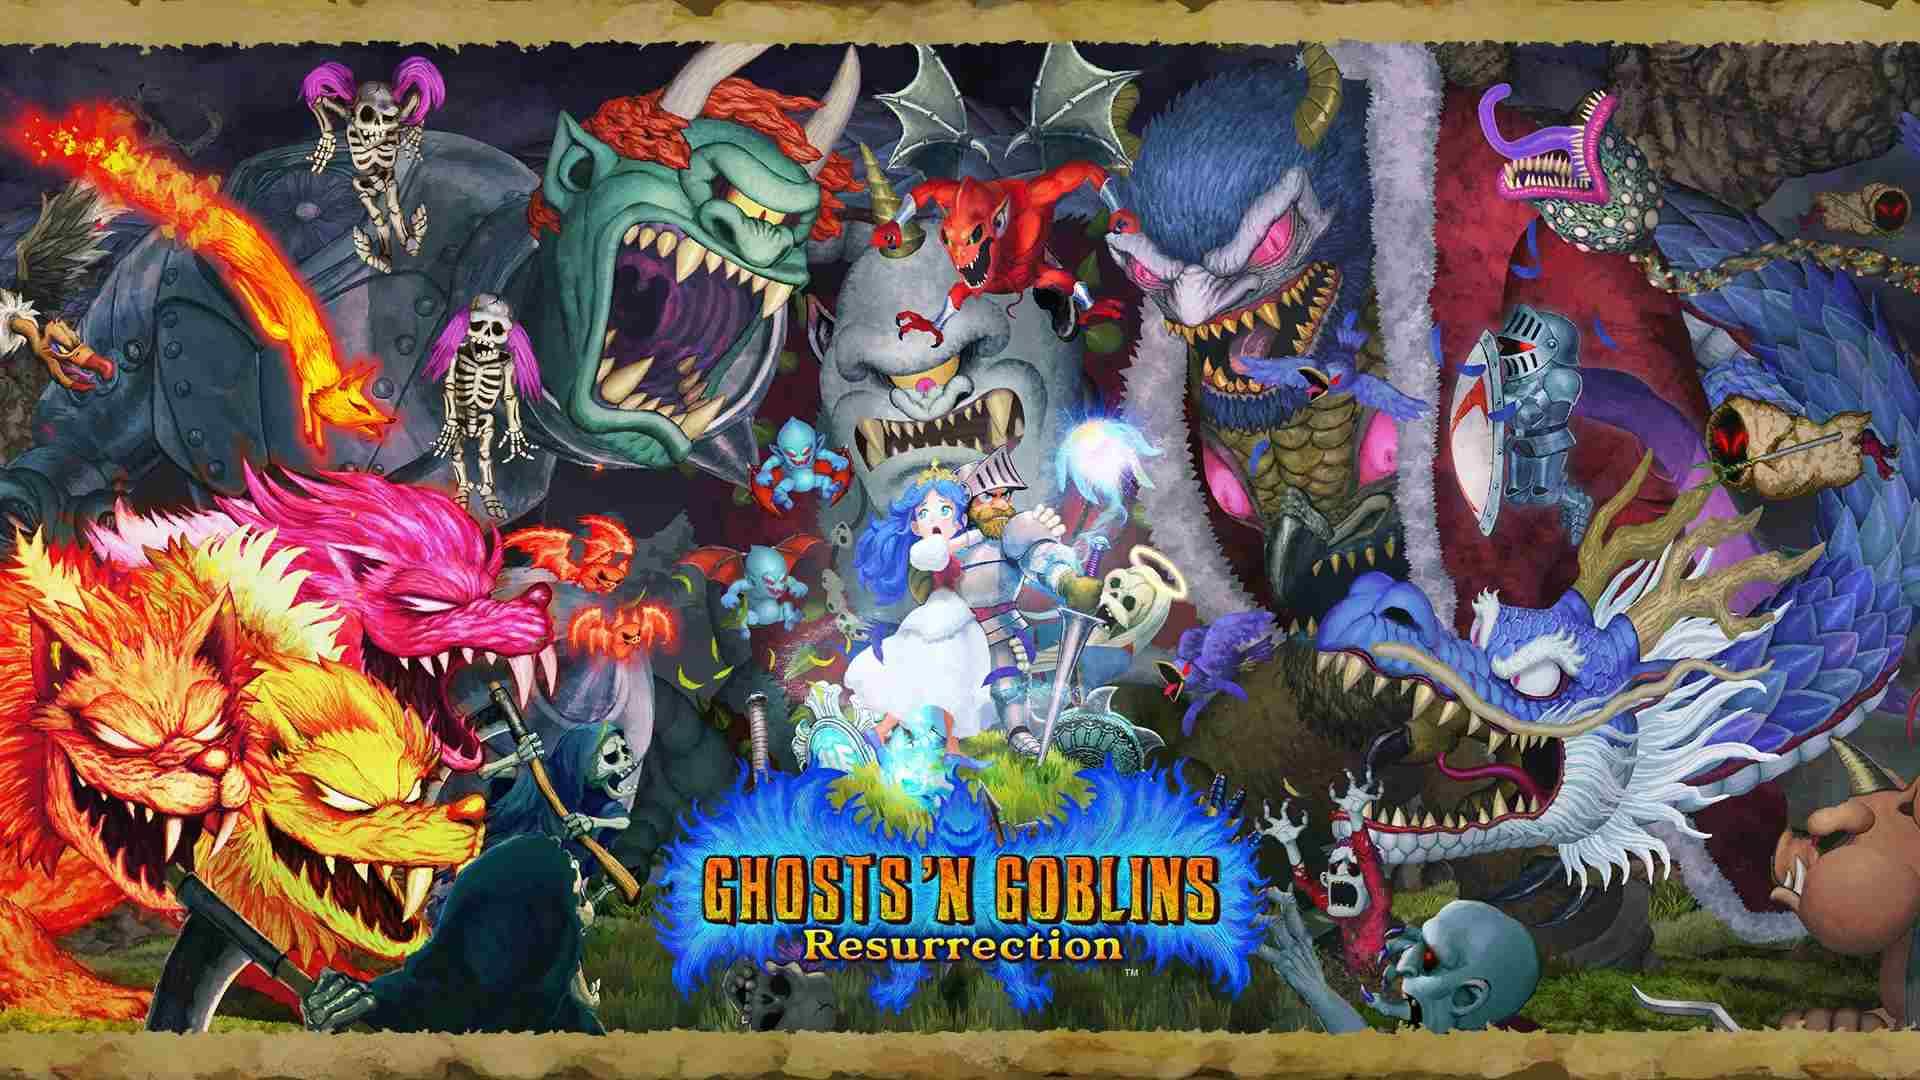 نقد و بررسی بازی Ghosts 'n Goblins Resurrection؛ به سختی زره